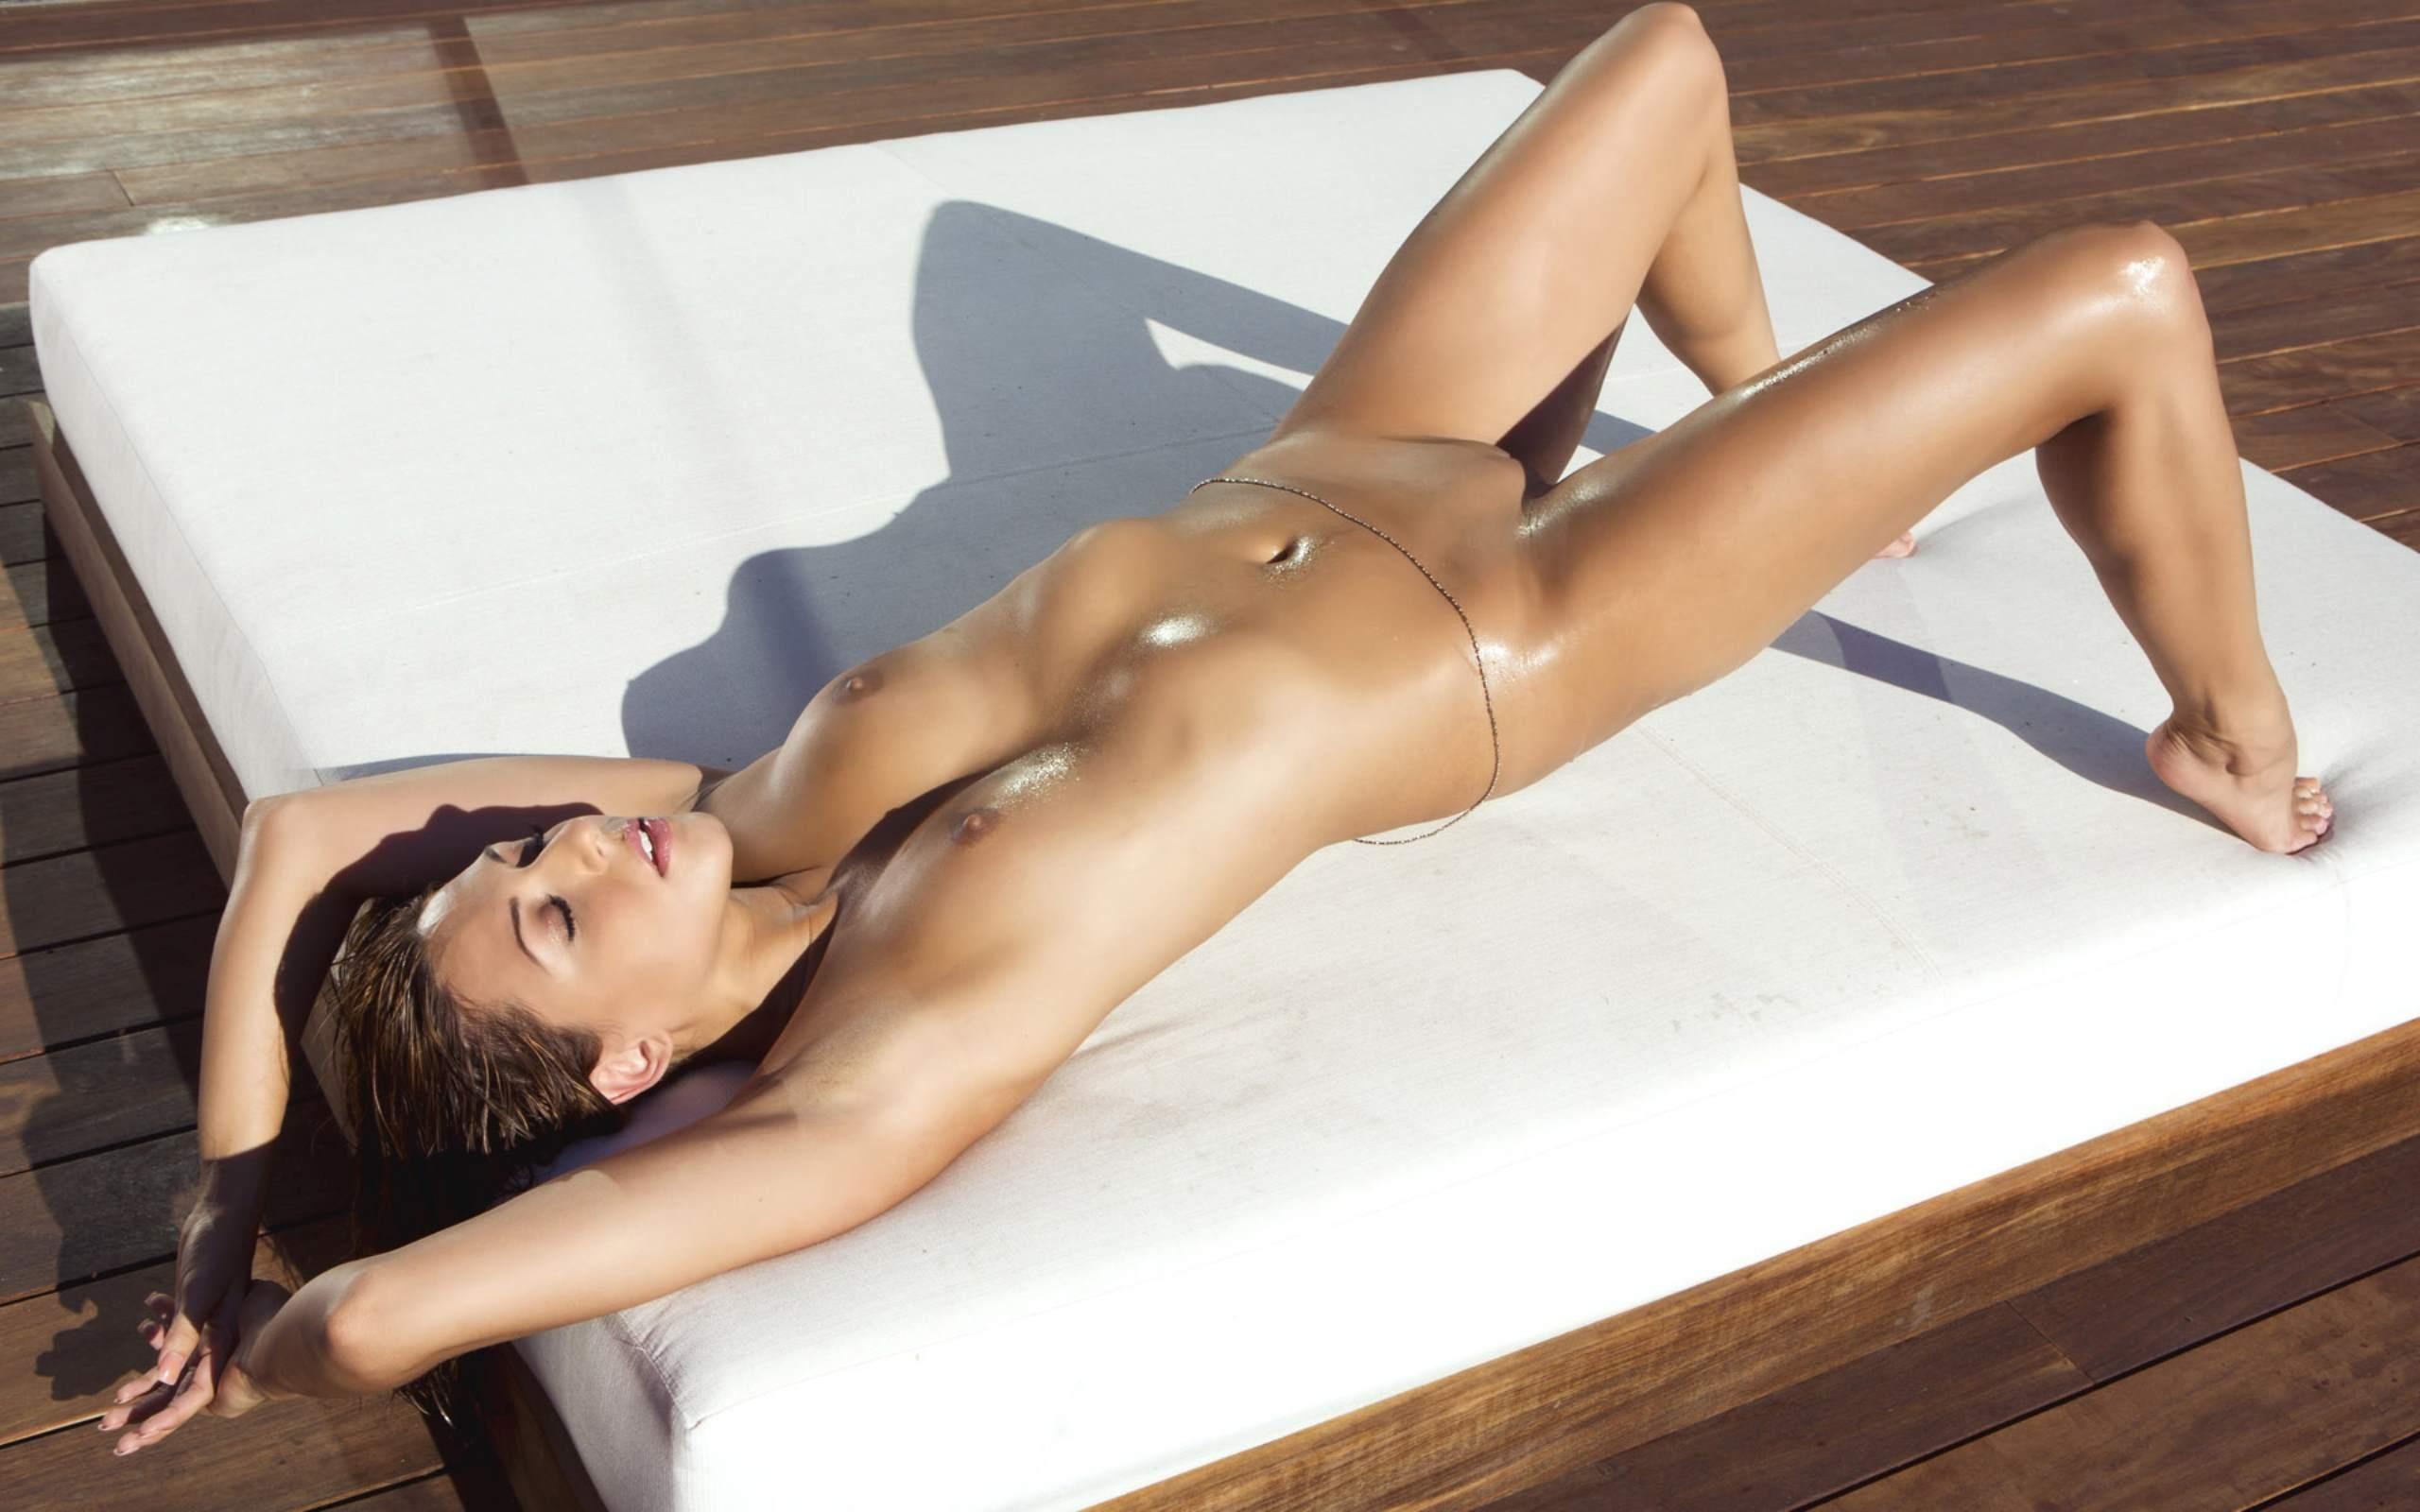 красивые голые женщины с нашего двора